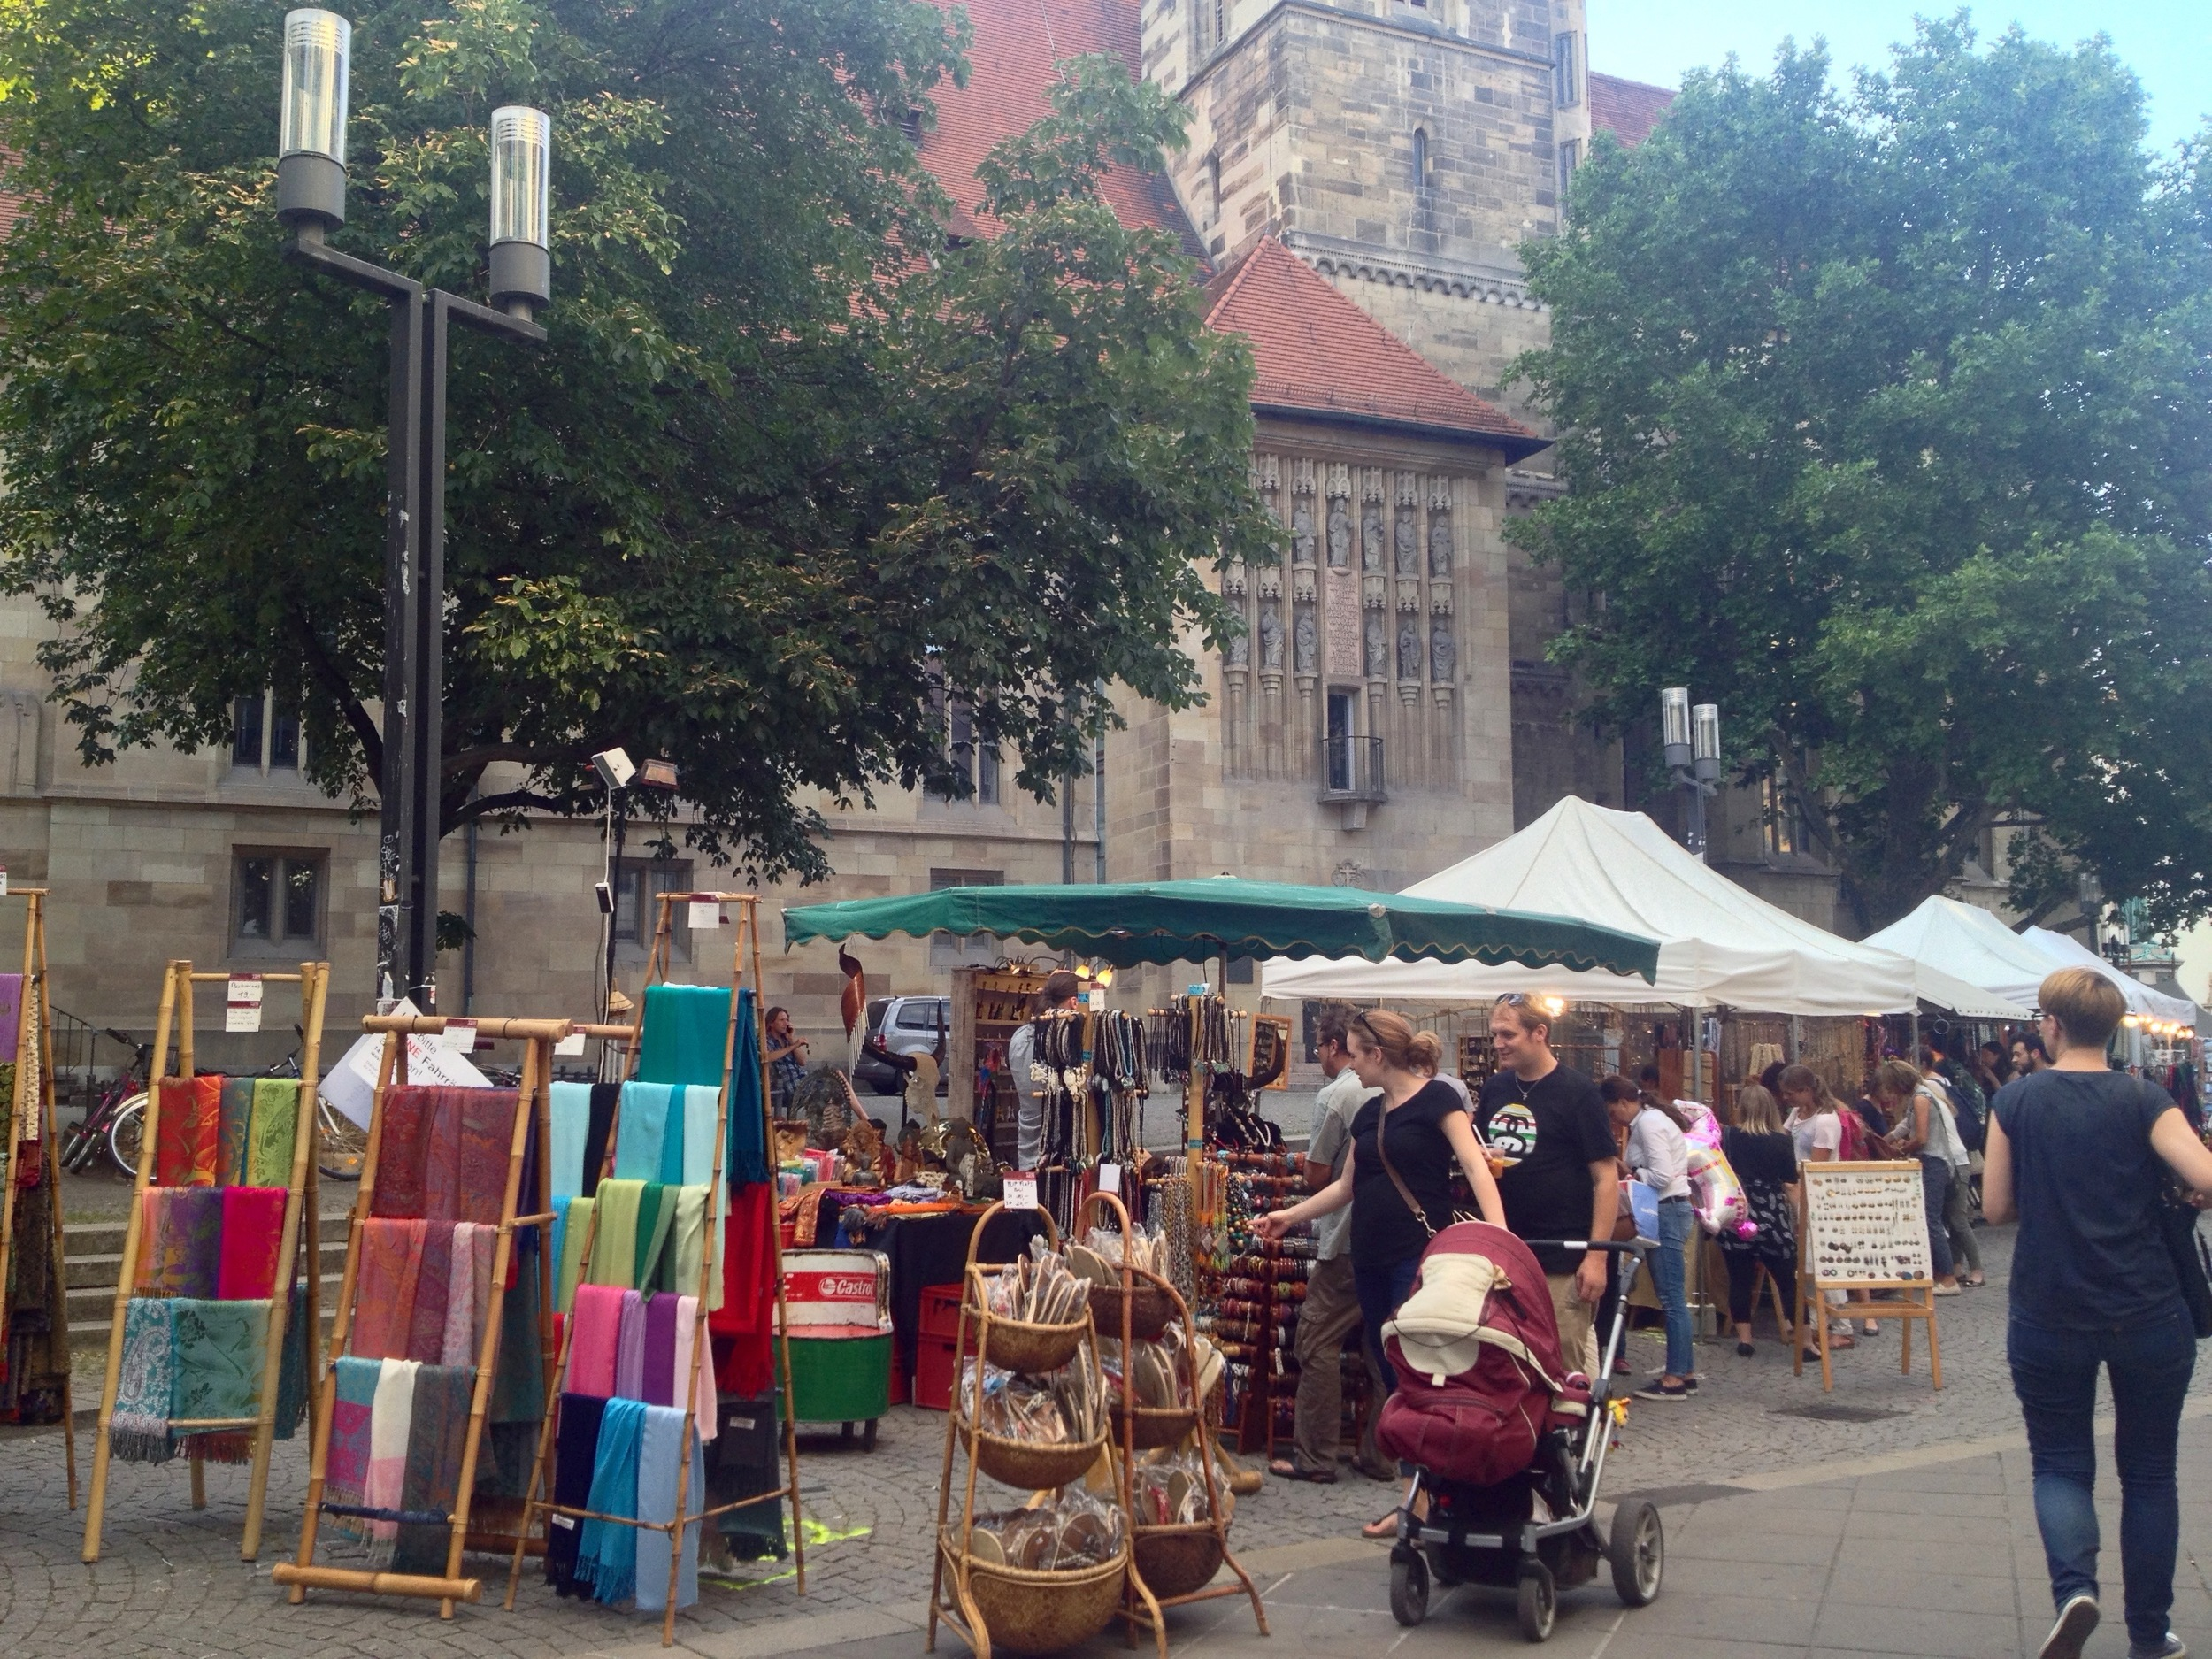 Trinket stands set up on Kirchstraße